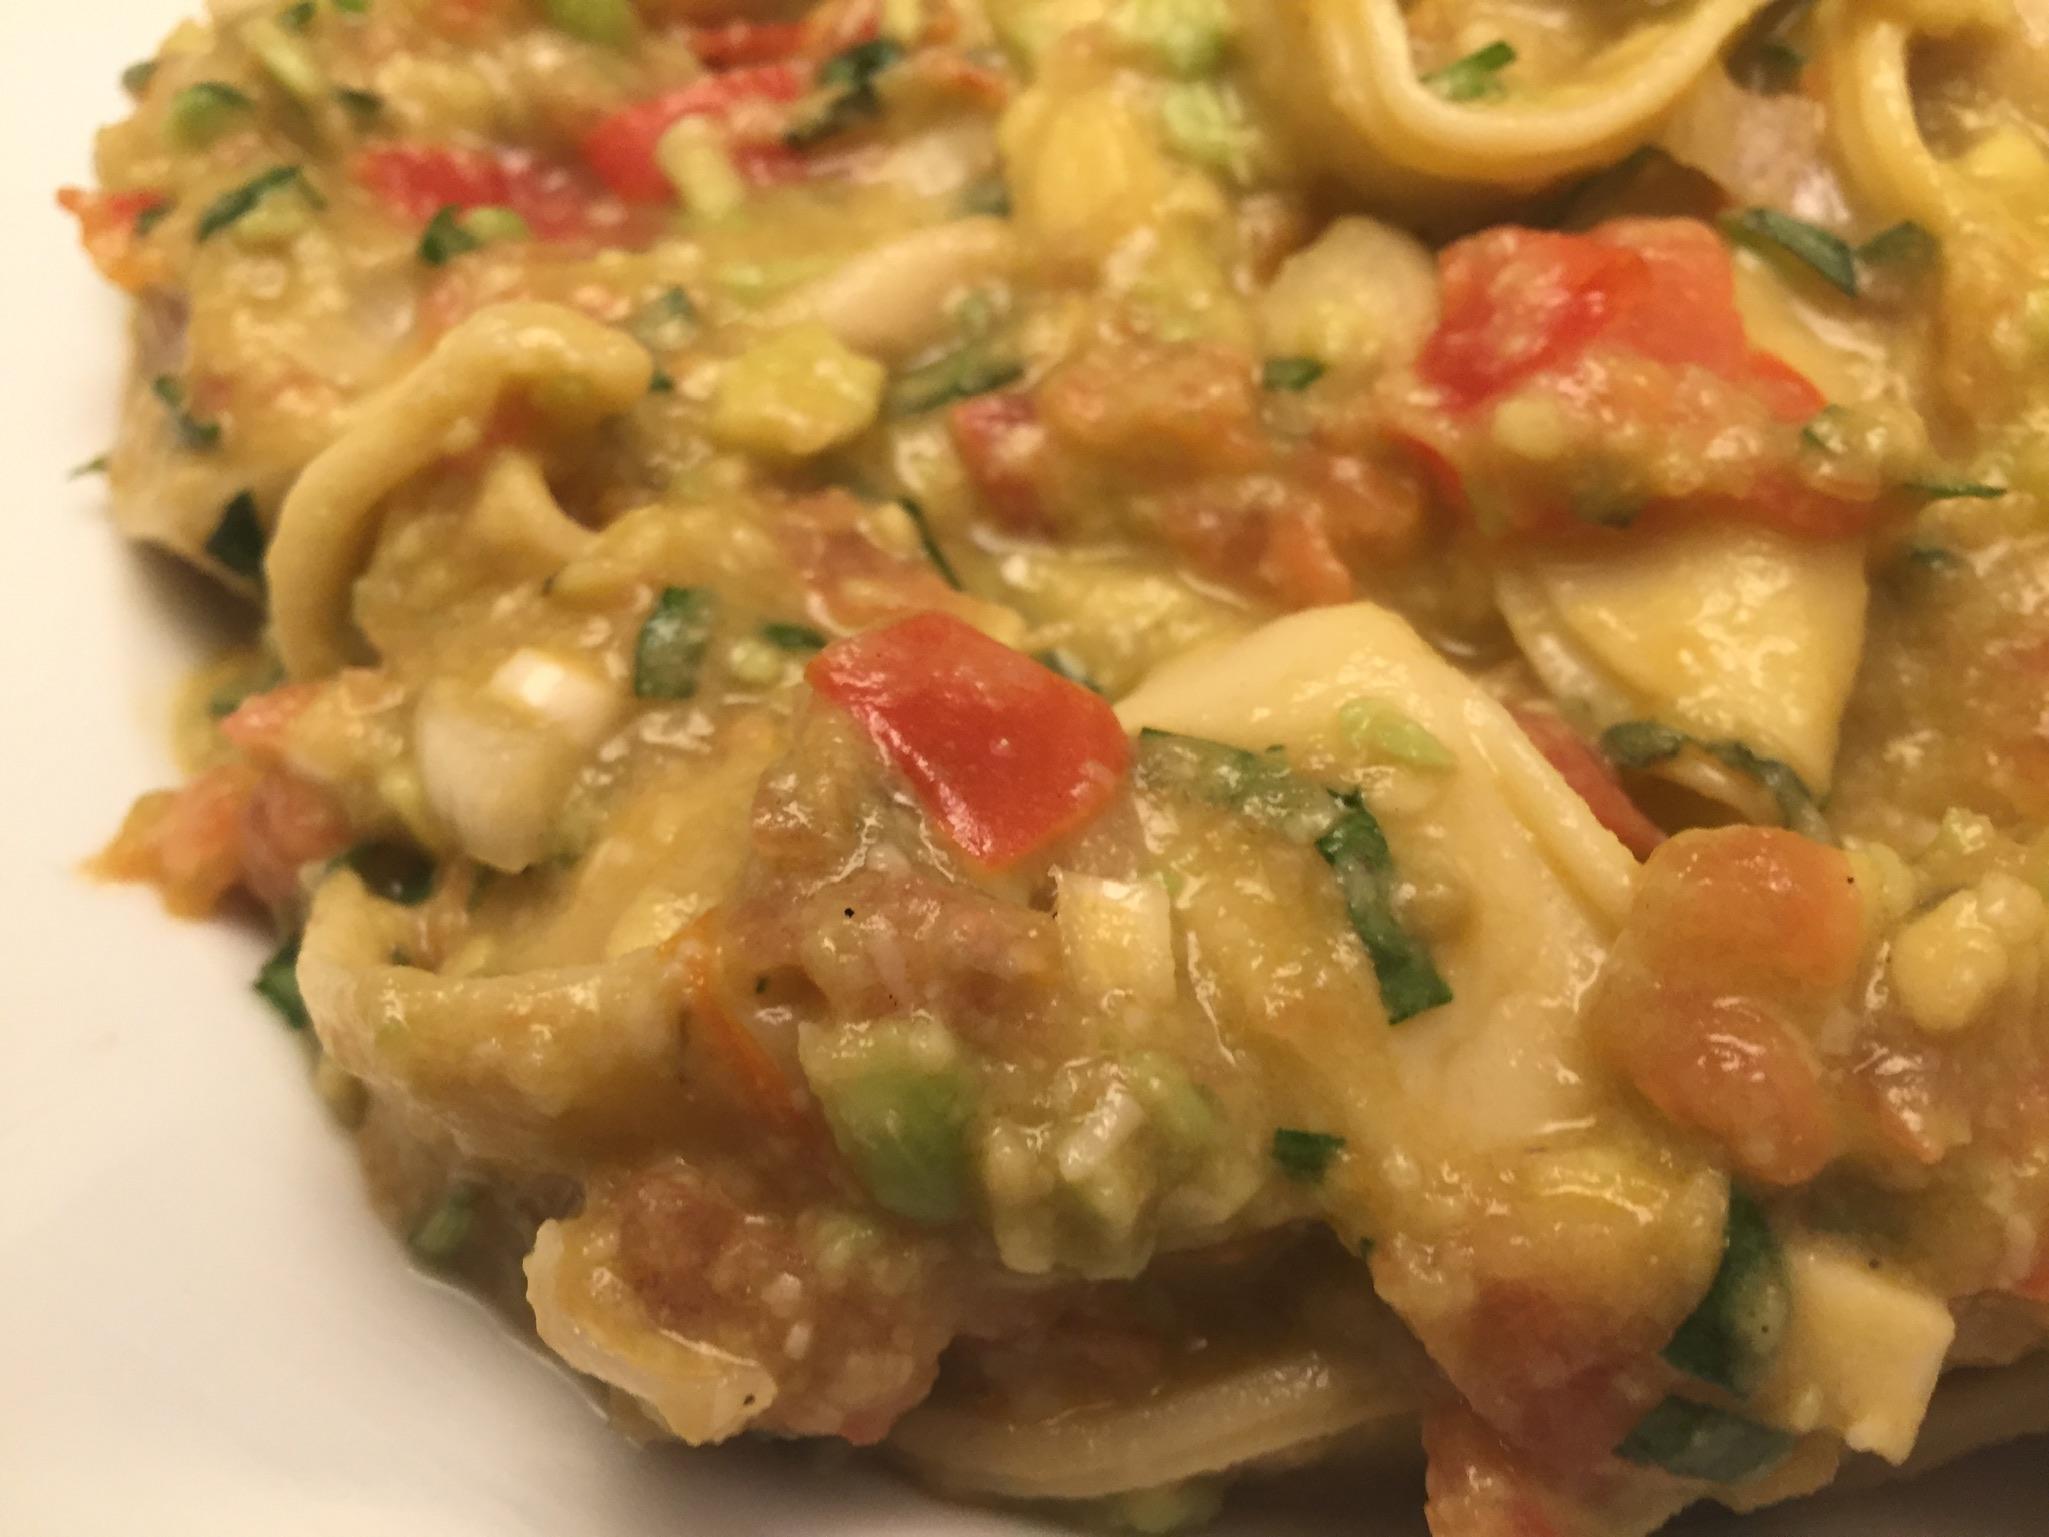 Tortellini mit Avocado-Tomate-Estragon-Pesto